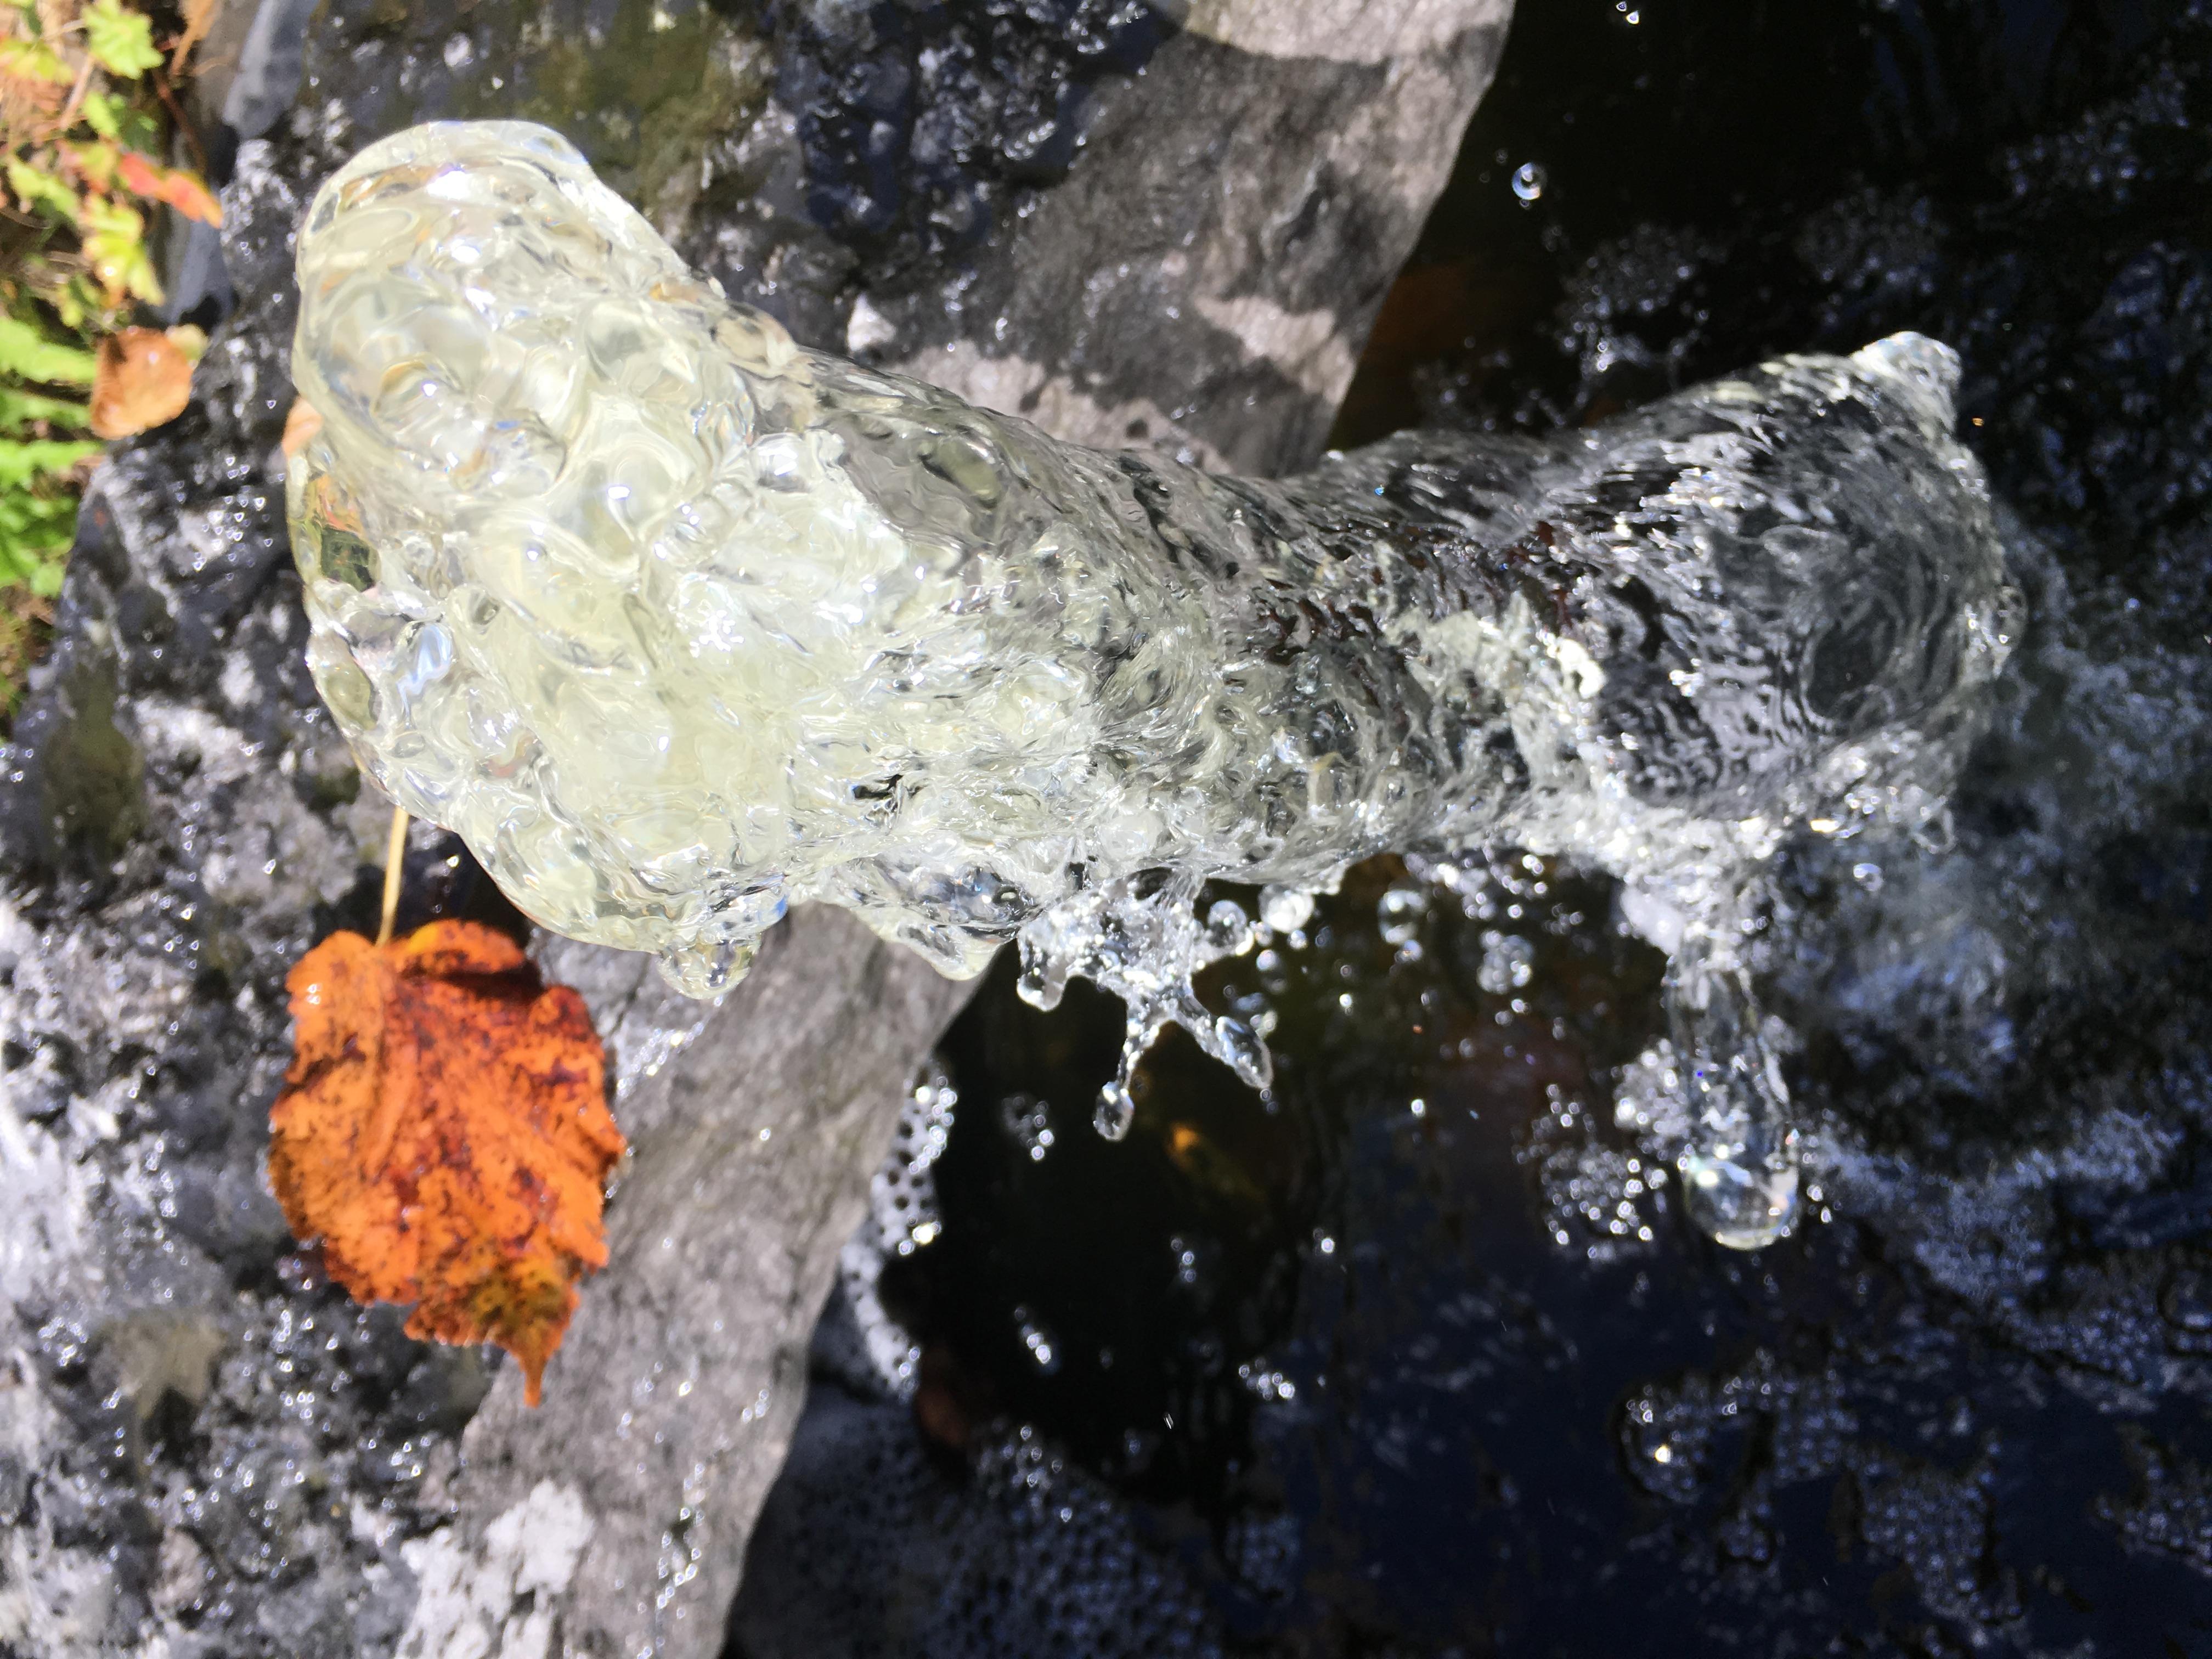 De l'eau dans le jardin